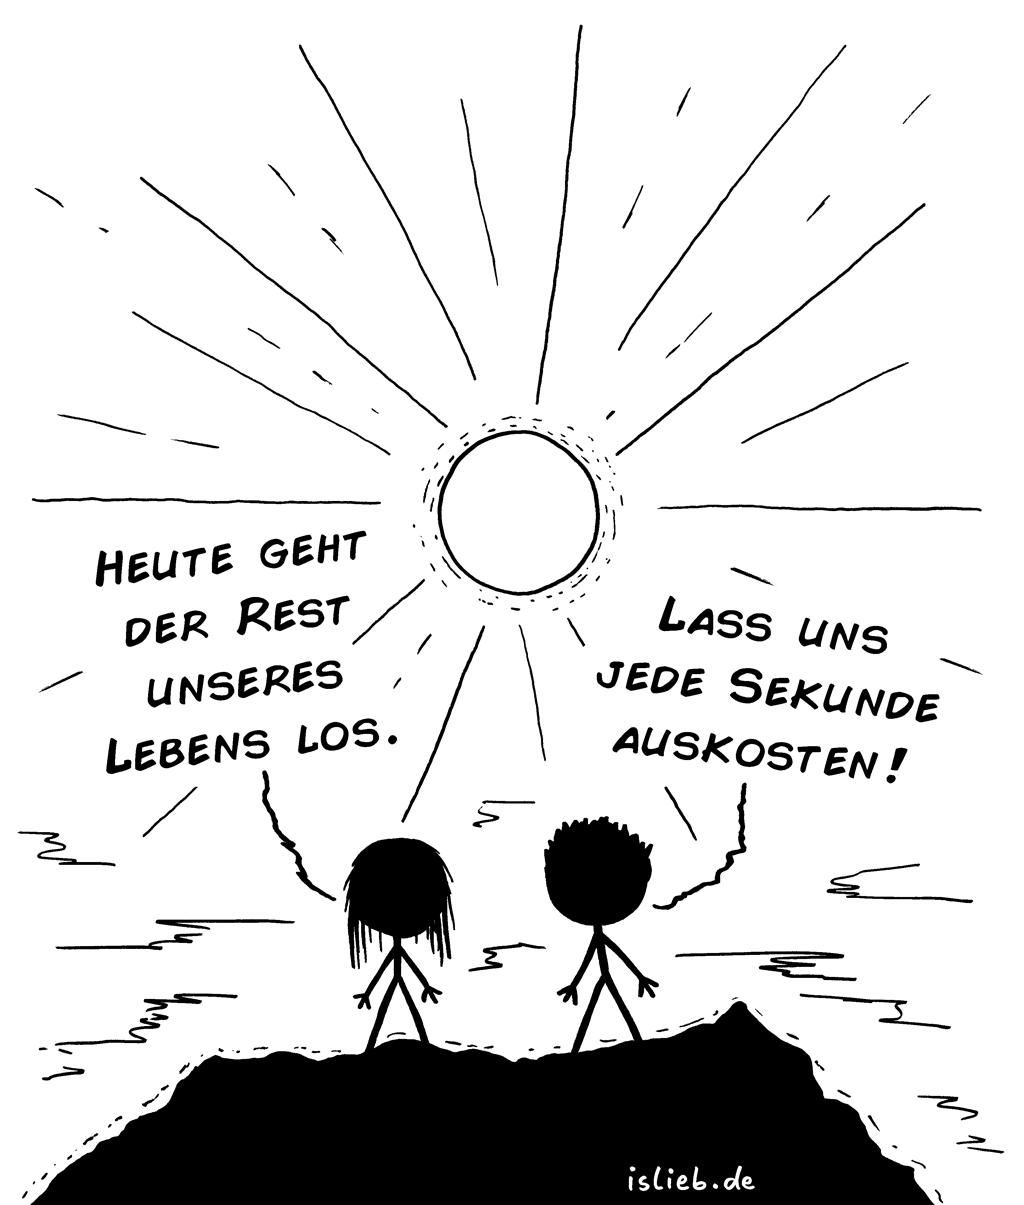 Heute | Sonnen-Cartoon | is lieb? | Heute geht der Rest unseres Lebens los. Lass uns jede Sekunde auskosten! | Leben, Zukunft, Pläne, Hoffnung, Optimismus, Neujahr, Sonnenaufgang